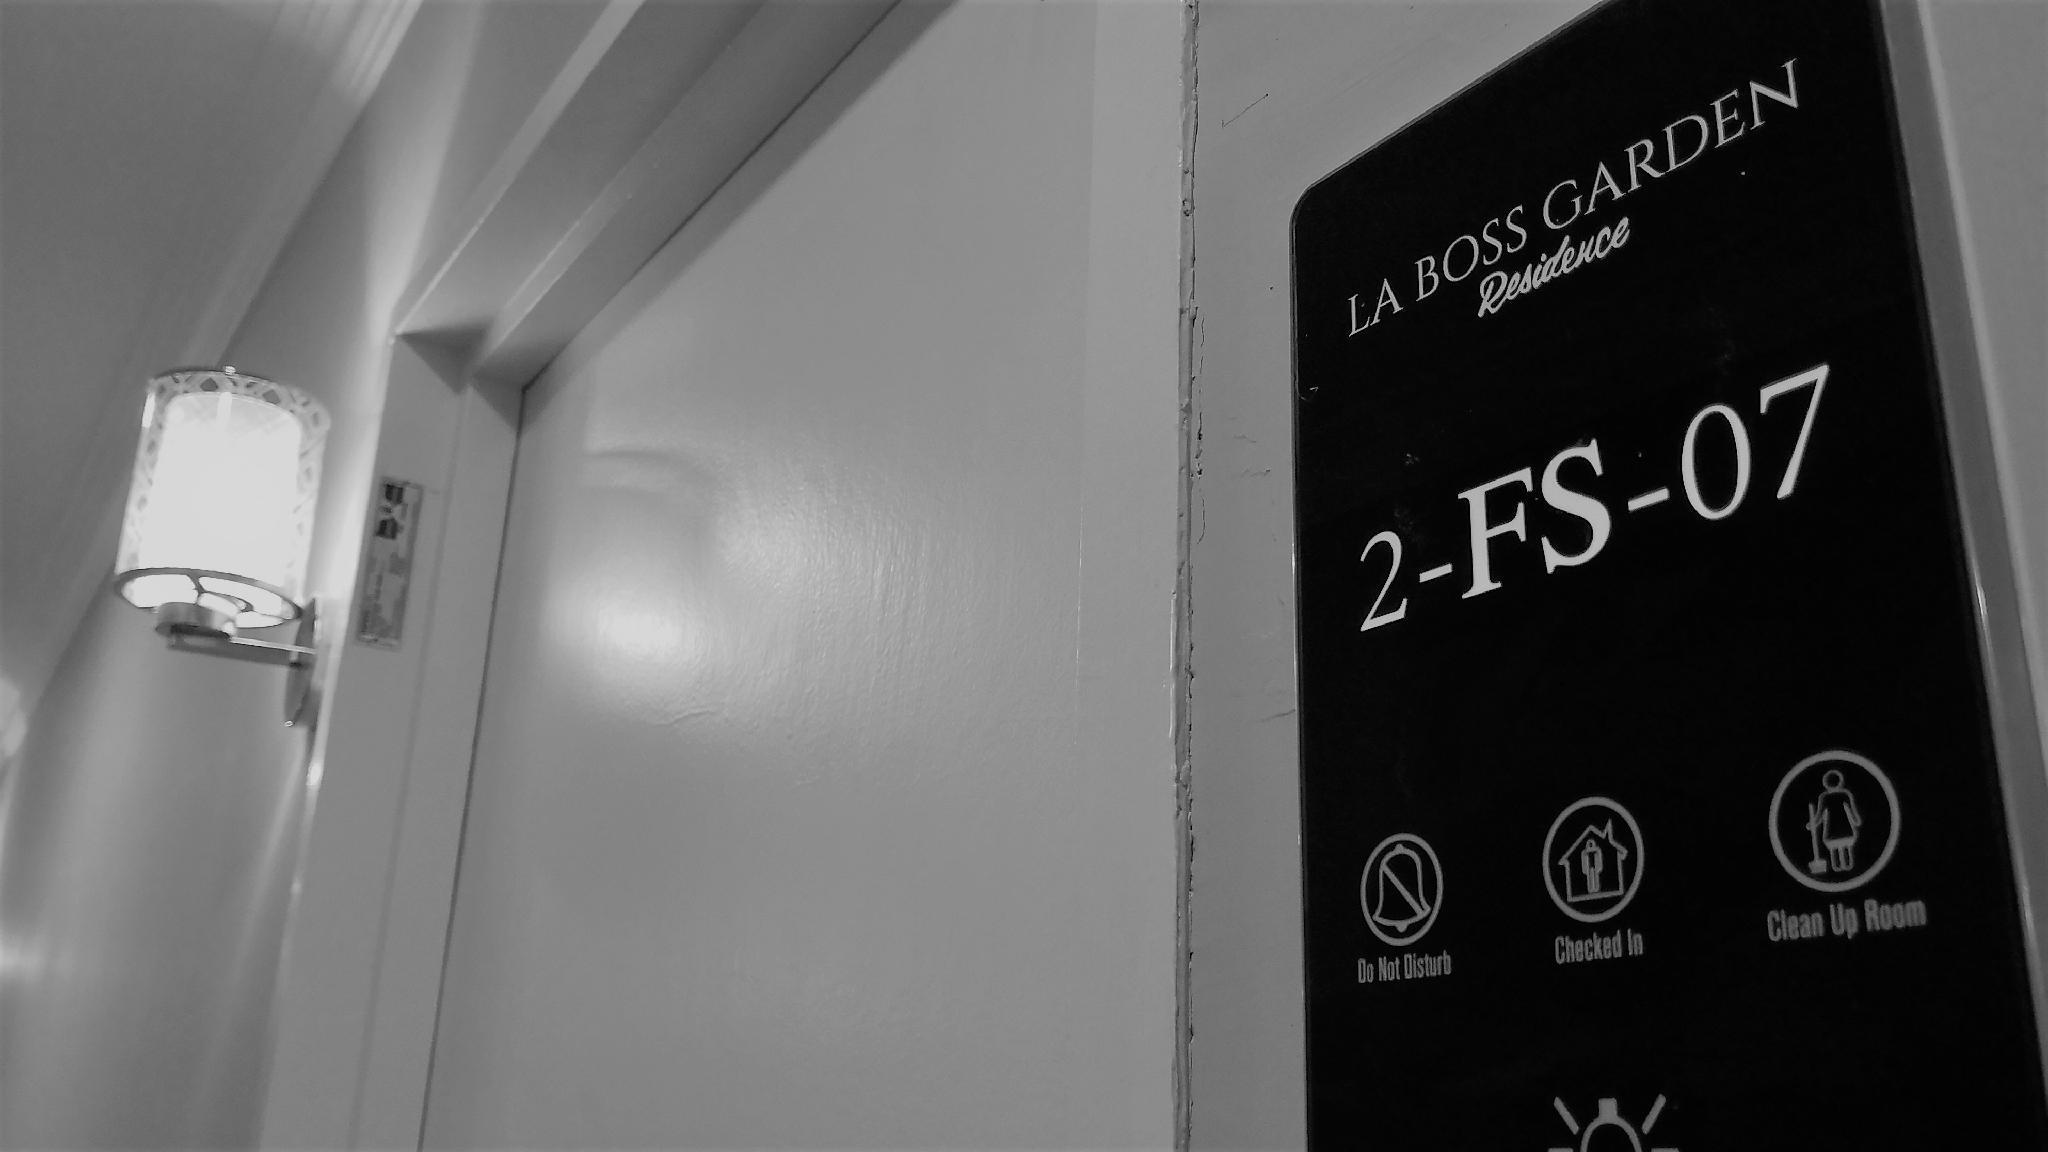 La Boss Garden Residences  2 FS 07